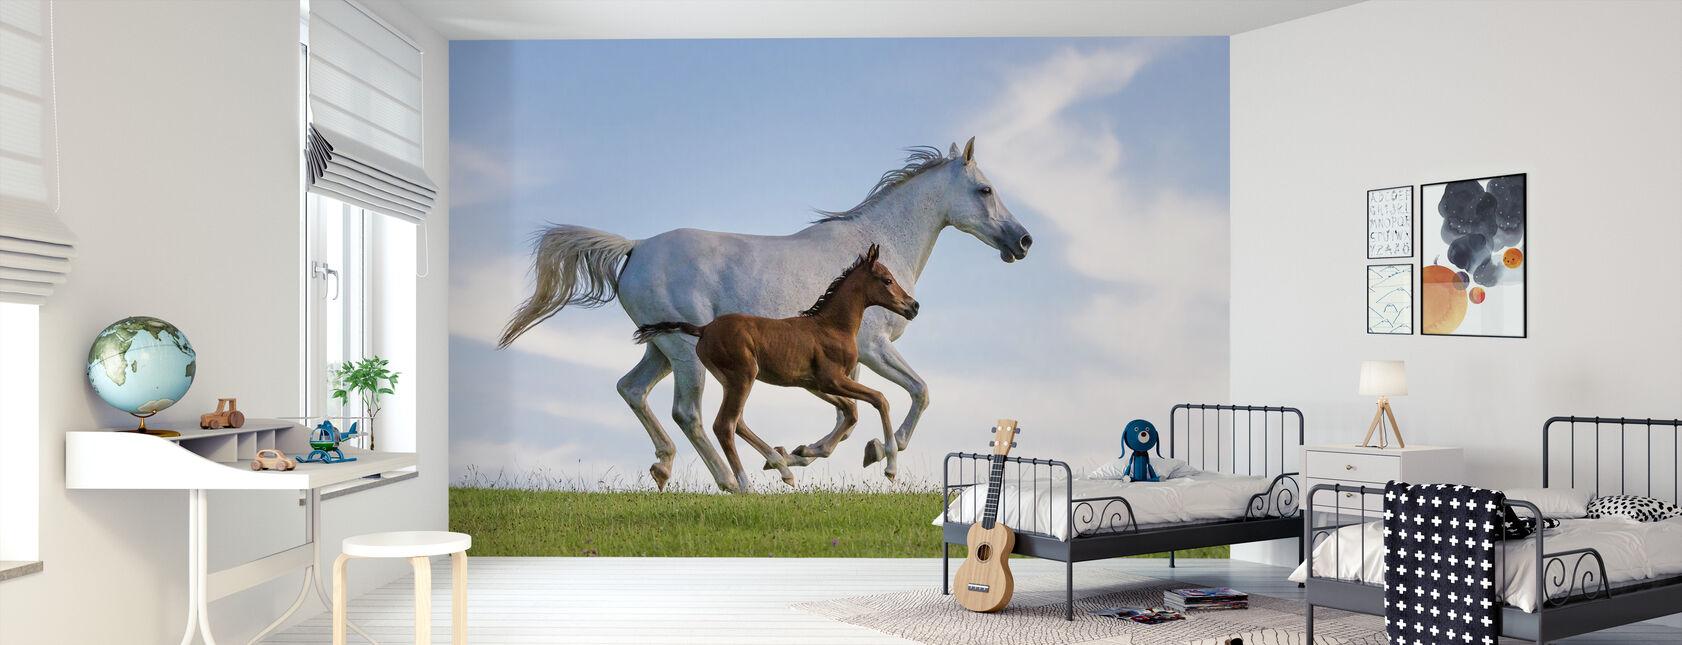 Puhdasrotuinen Arabian hevonen laukkaa - Tapetti - Lastenhuone